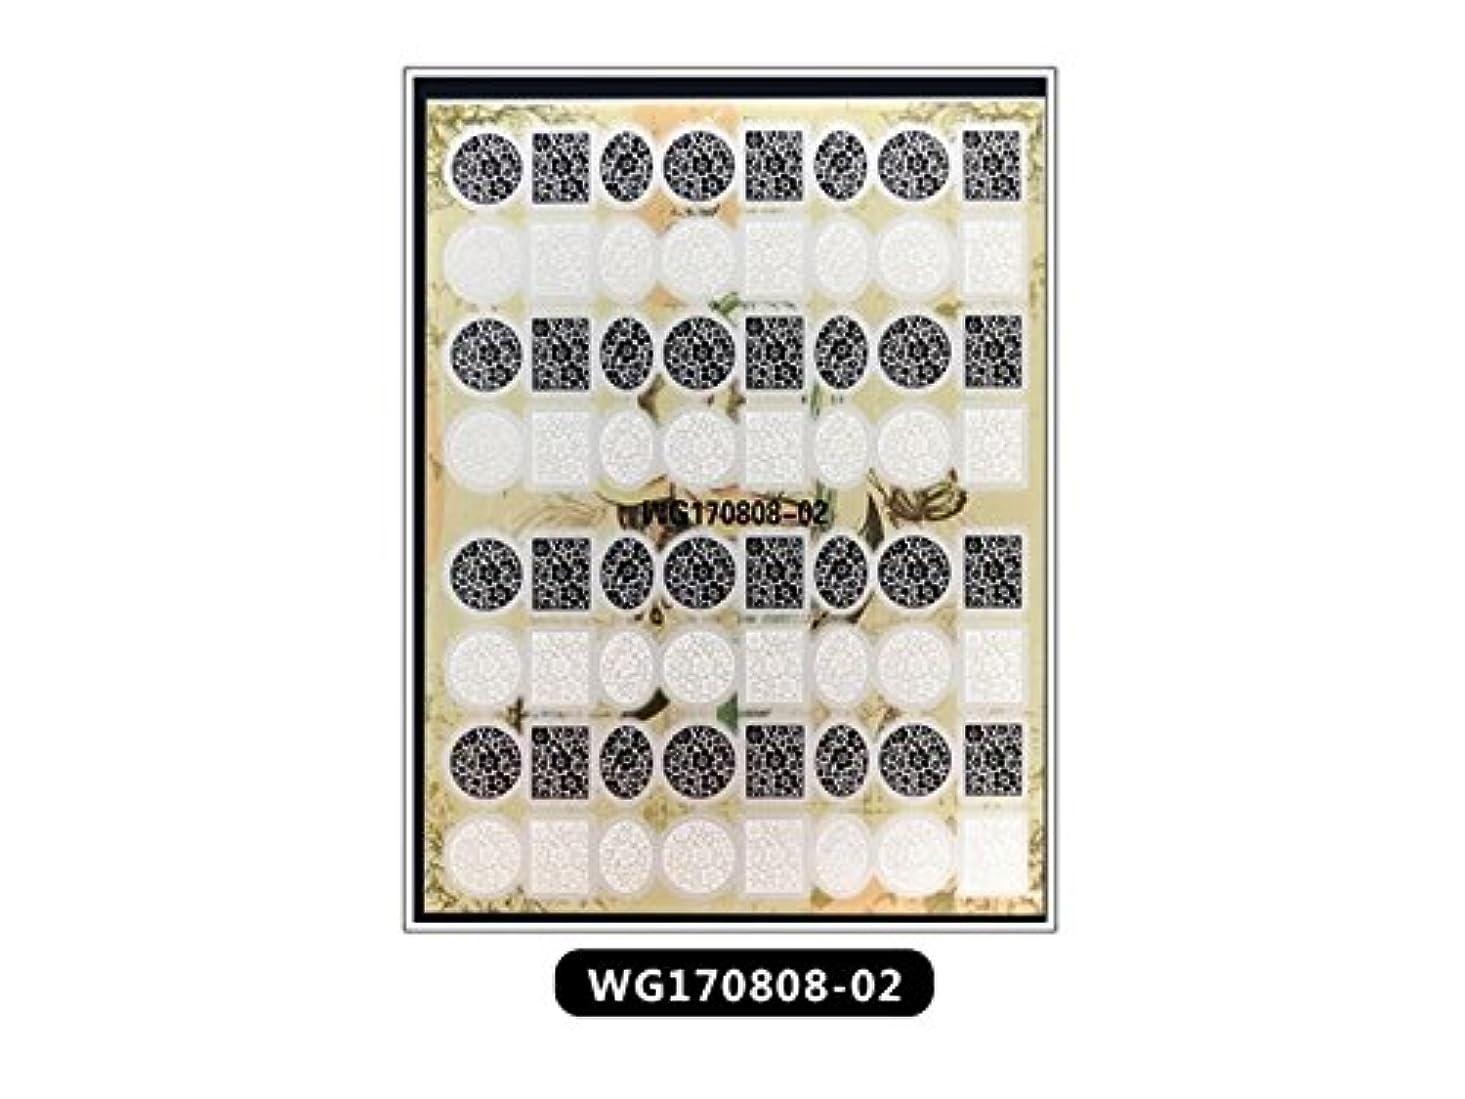 郵便局事実上スキャンダラスOsize ファッションウォーターマーク美しいヒントホットスタンピング3Dネイルステッカーネイルデカールネイルステッカーを彫刻(図示)